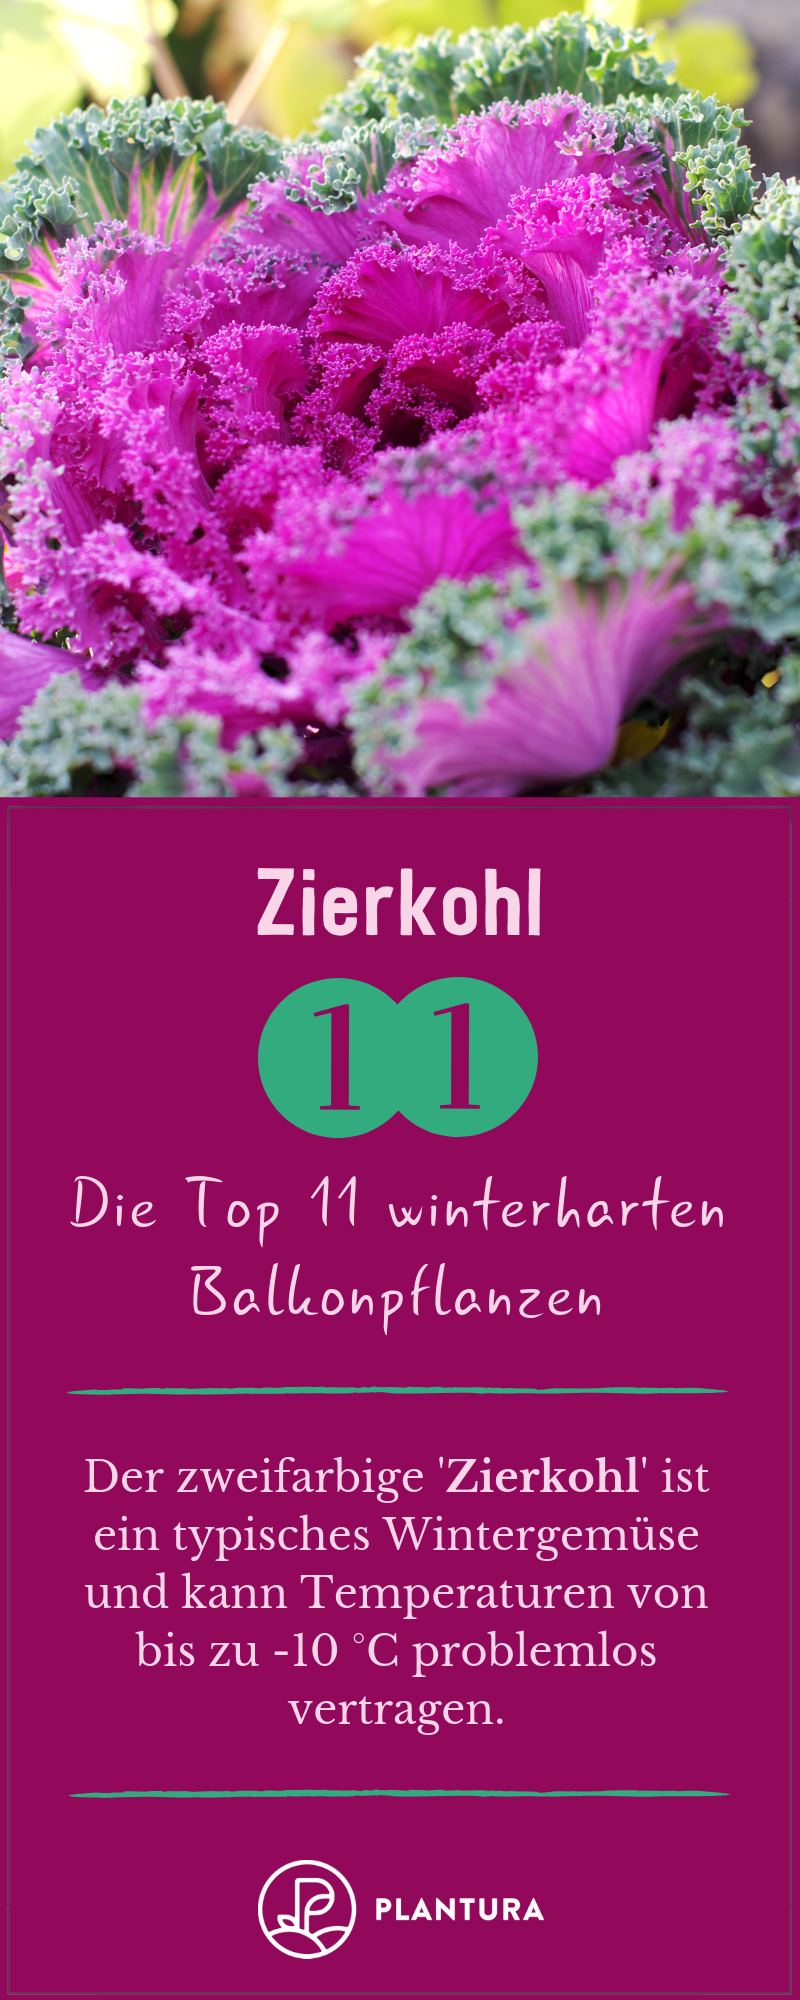 Winterharte Balkonpflanzen Die Top 11 Für Ihren Balkon